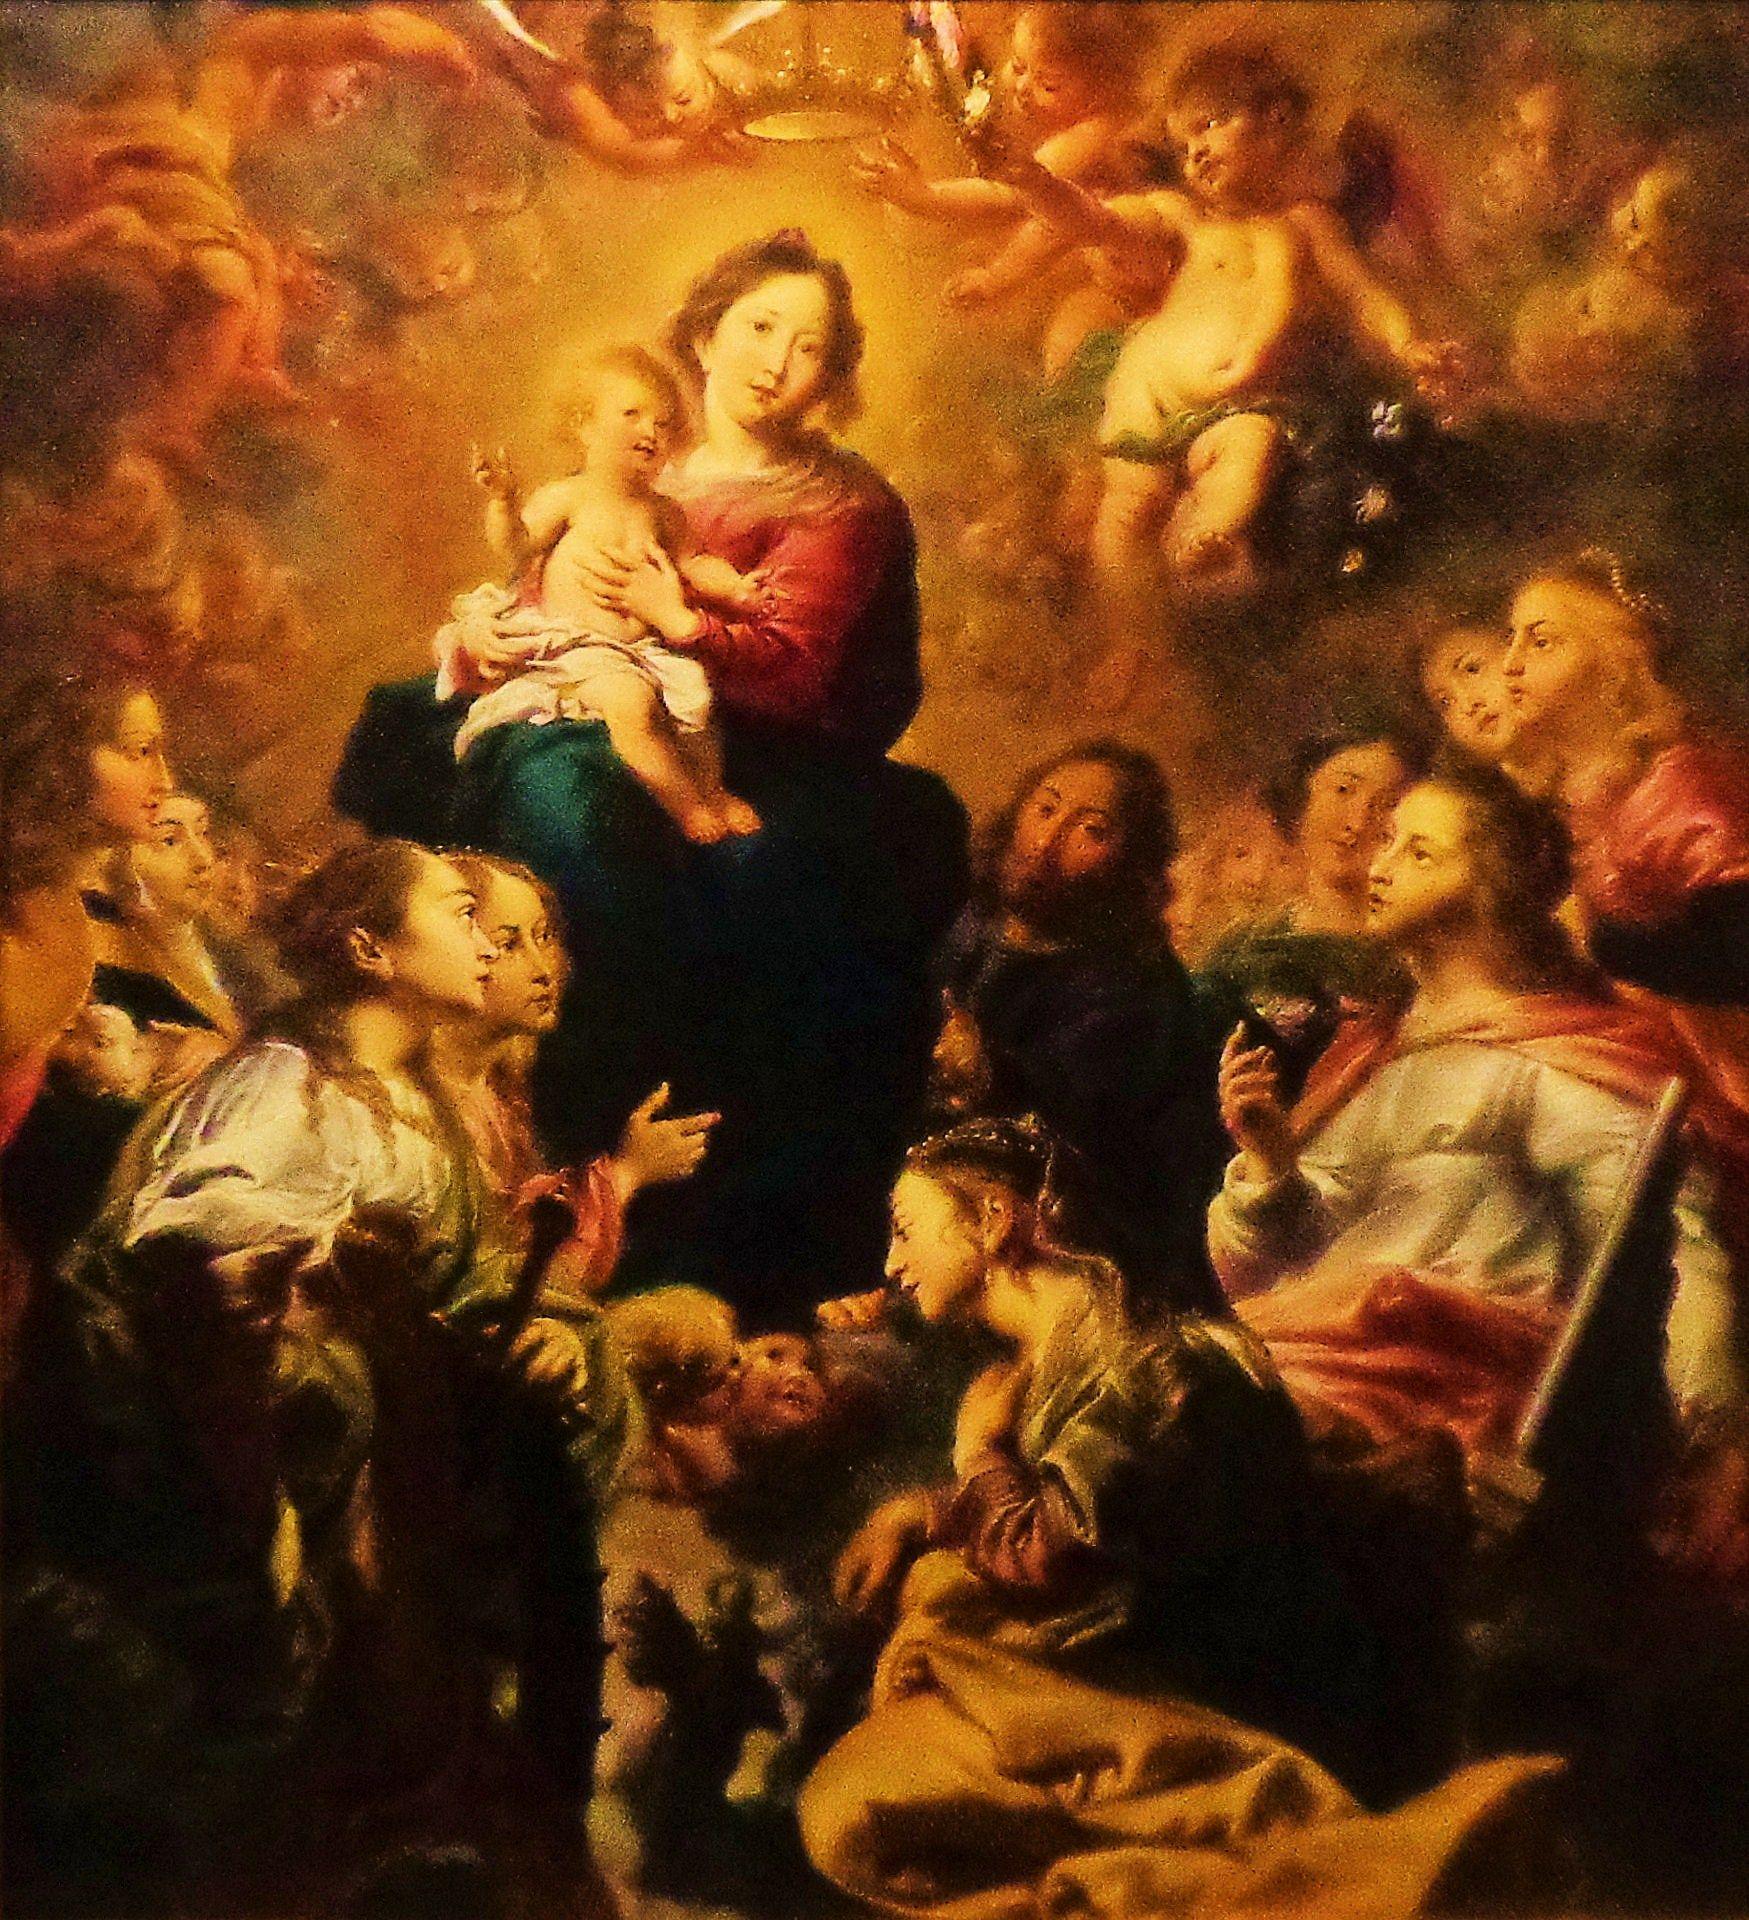 De verheerlijking van de Heilige Familie door vrouwelijke heiligen en engelen door Cornelis Schut uit 1633. Dit altaarstuk is volgens de traditie waarschijnlijk geschilderd voor een jezuïetenstatie die in de 17e eeuw in een illegale huiskapel was ondergebracht. Maria was bijzonder geliefd onder de jezuïeten die haar verheerlijking en aanbidding eeuwenlang hebben gepropageerd. De Antwerpse schilder Cornelis Schut stond in de Republiek in hoog aanzien, zelfs aan het hof van Frederik Hendrik.